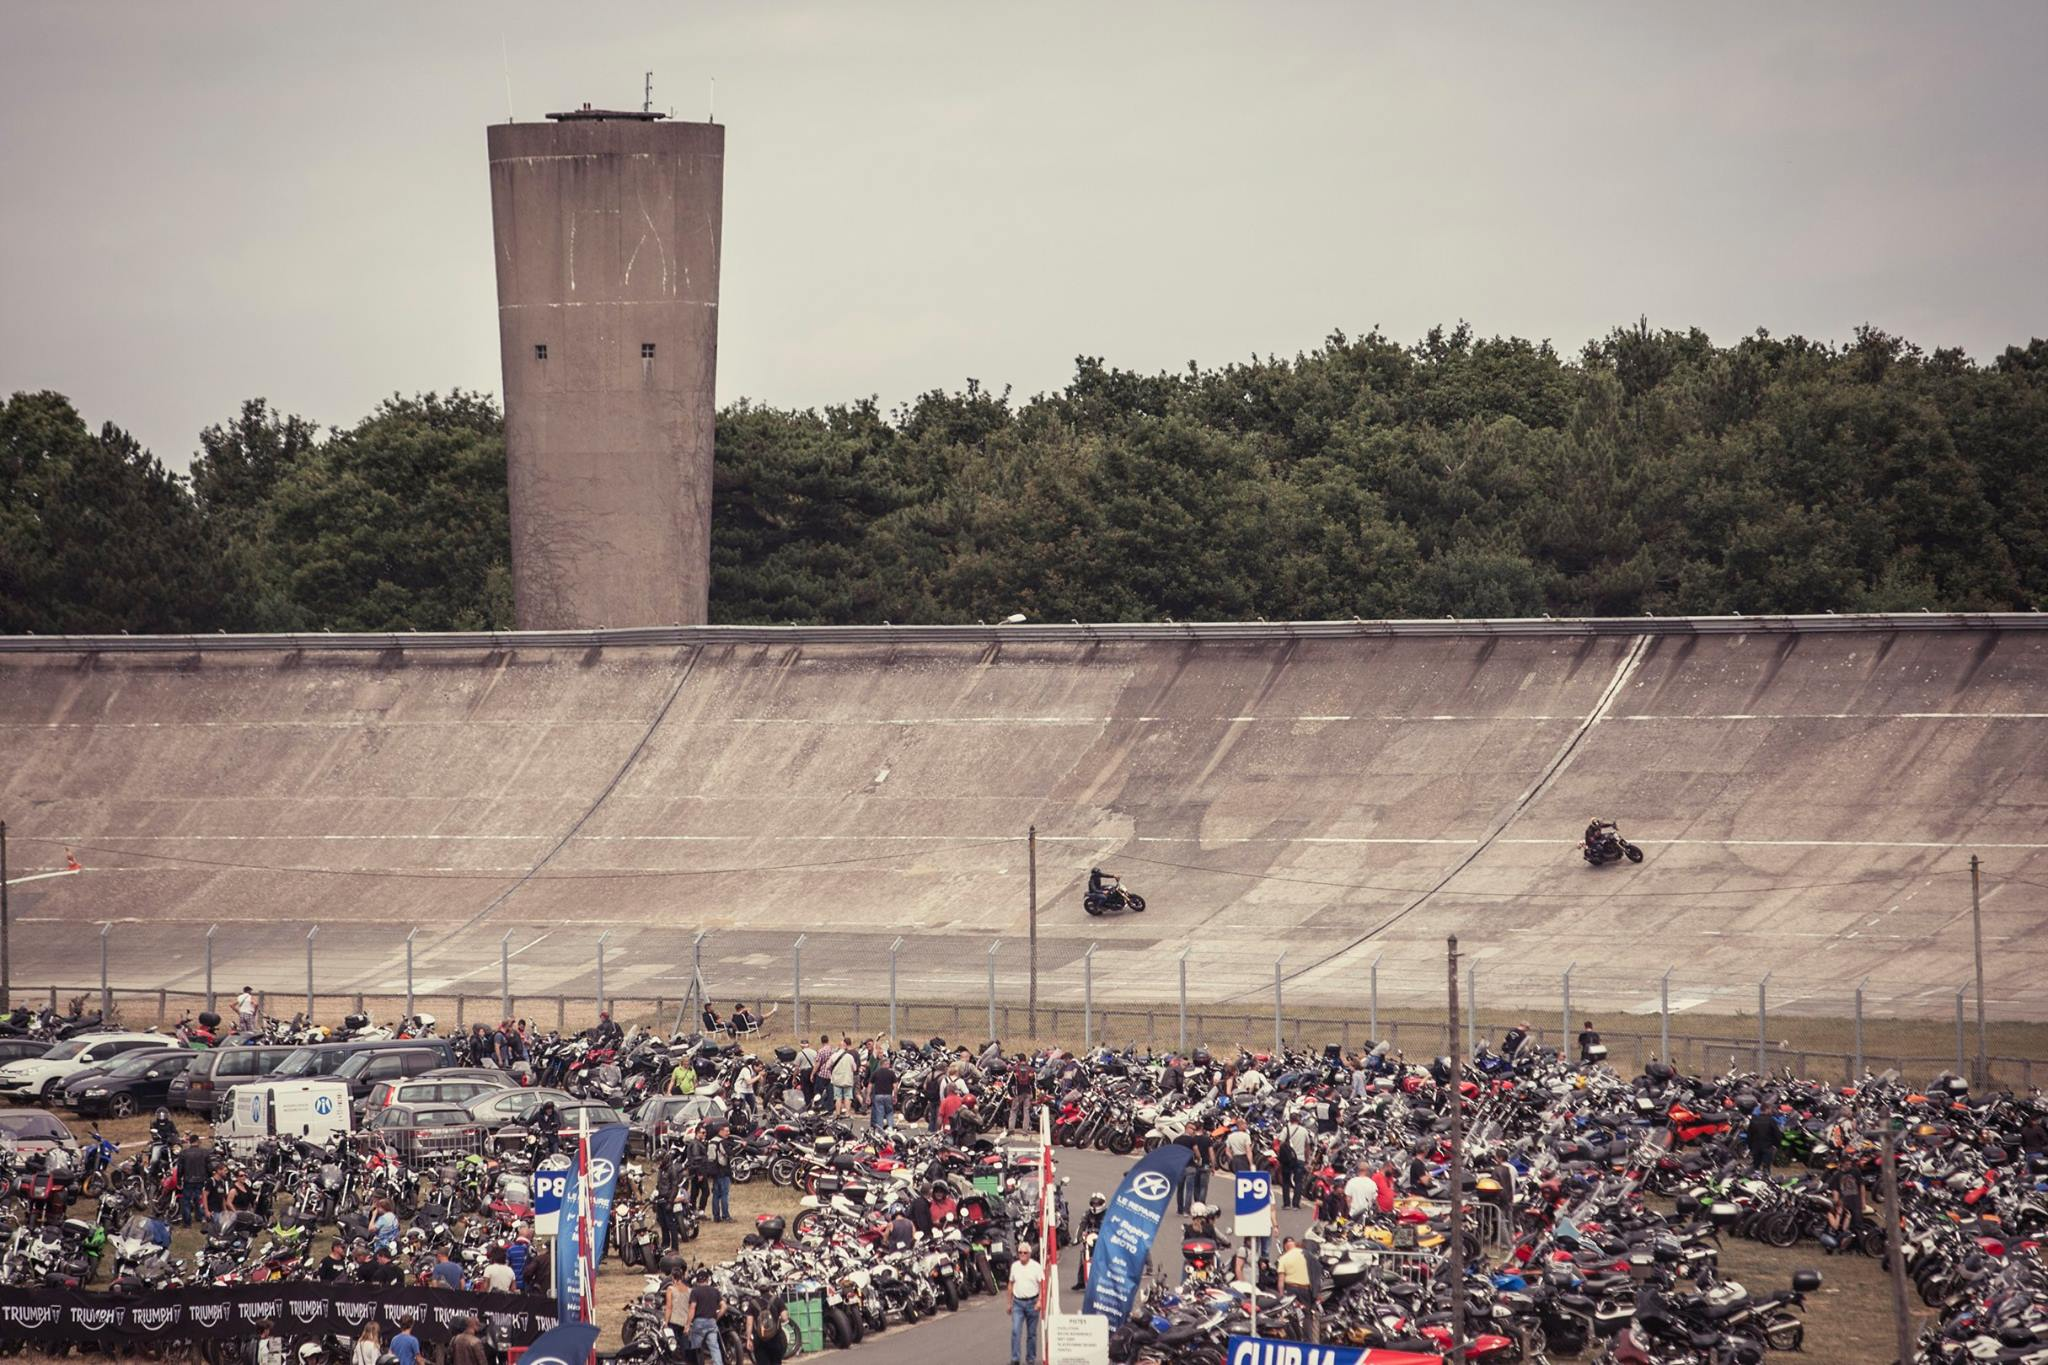 cafe_racer_festival_9